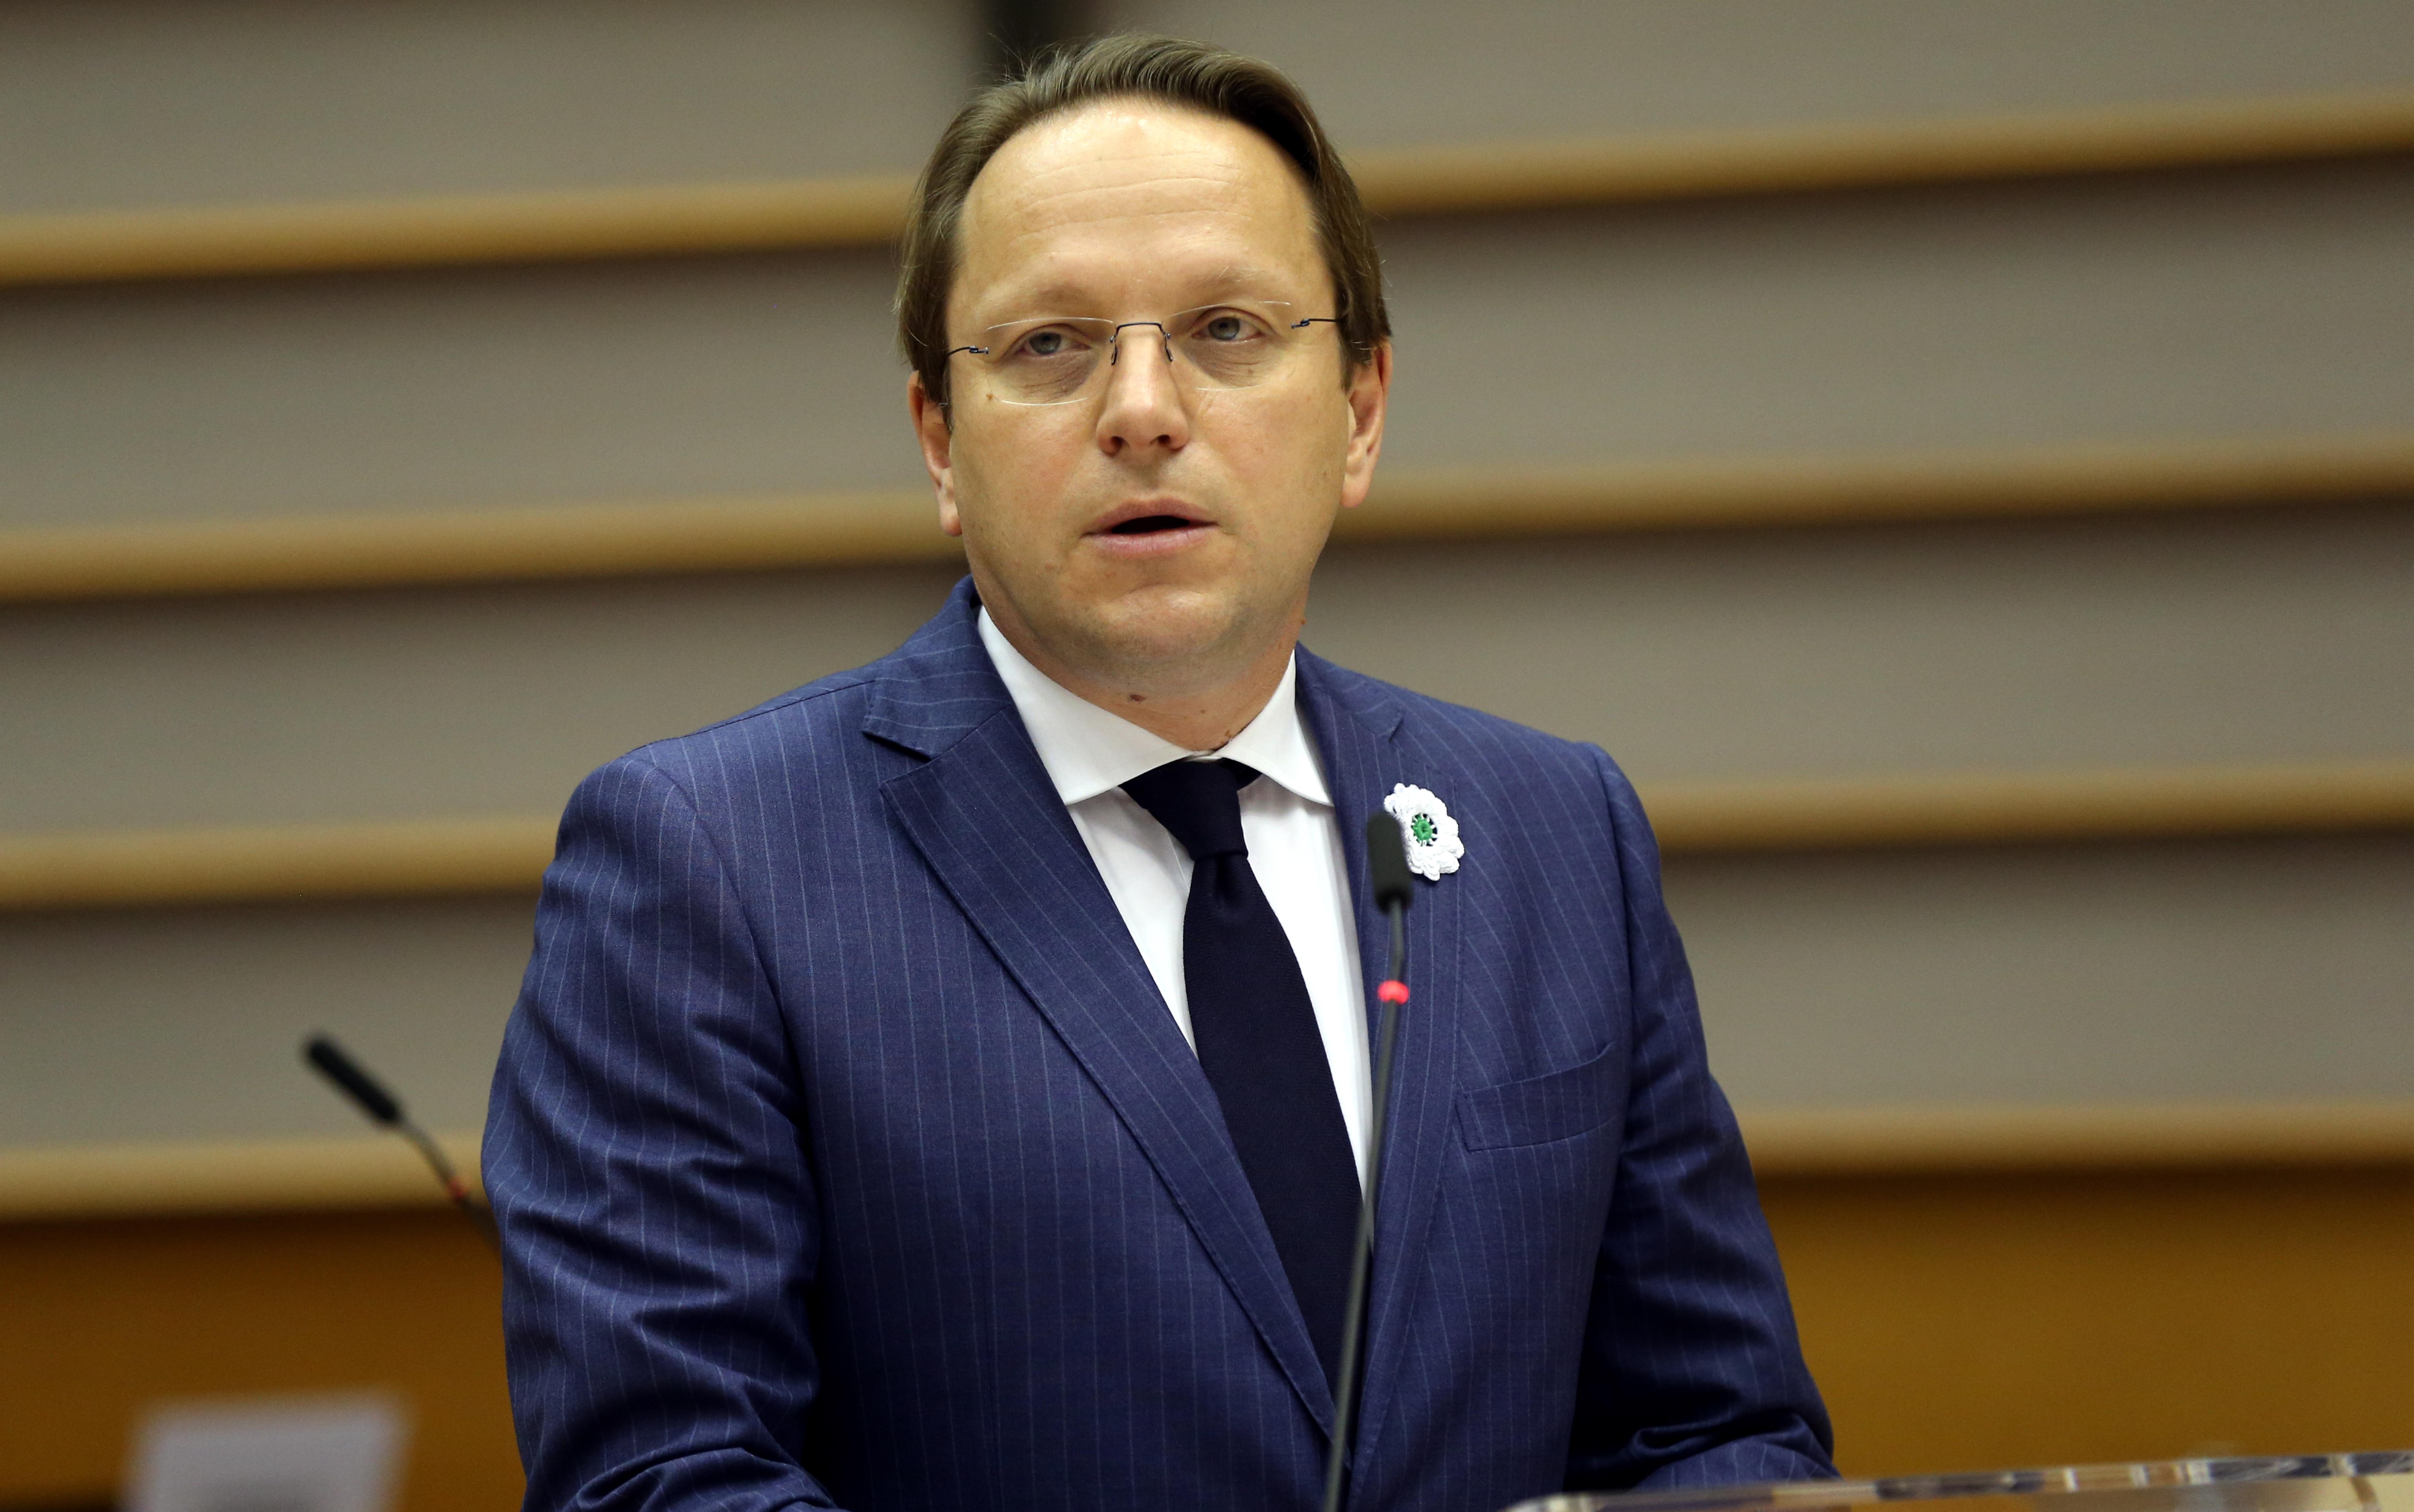 A magyar uniós biztos elítéli a fehérorosz állami erőszakot, és a fogvatartottak szabadon bocsátására szólít fel